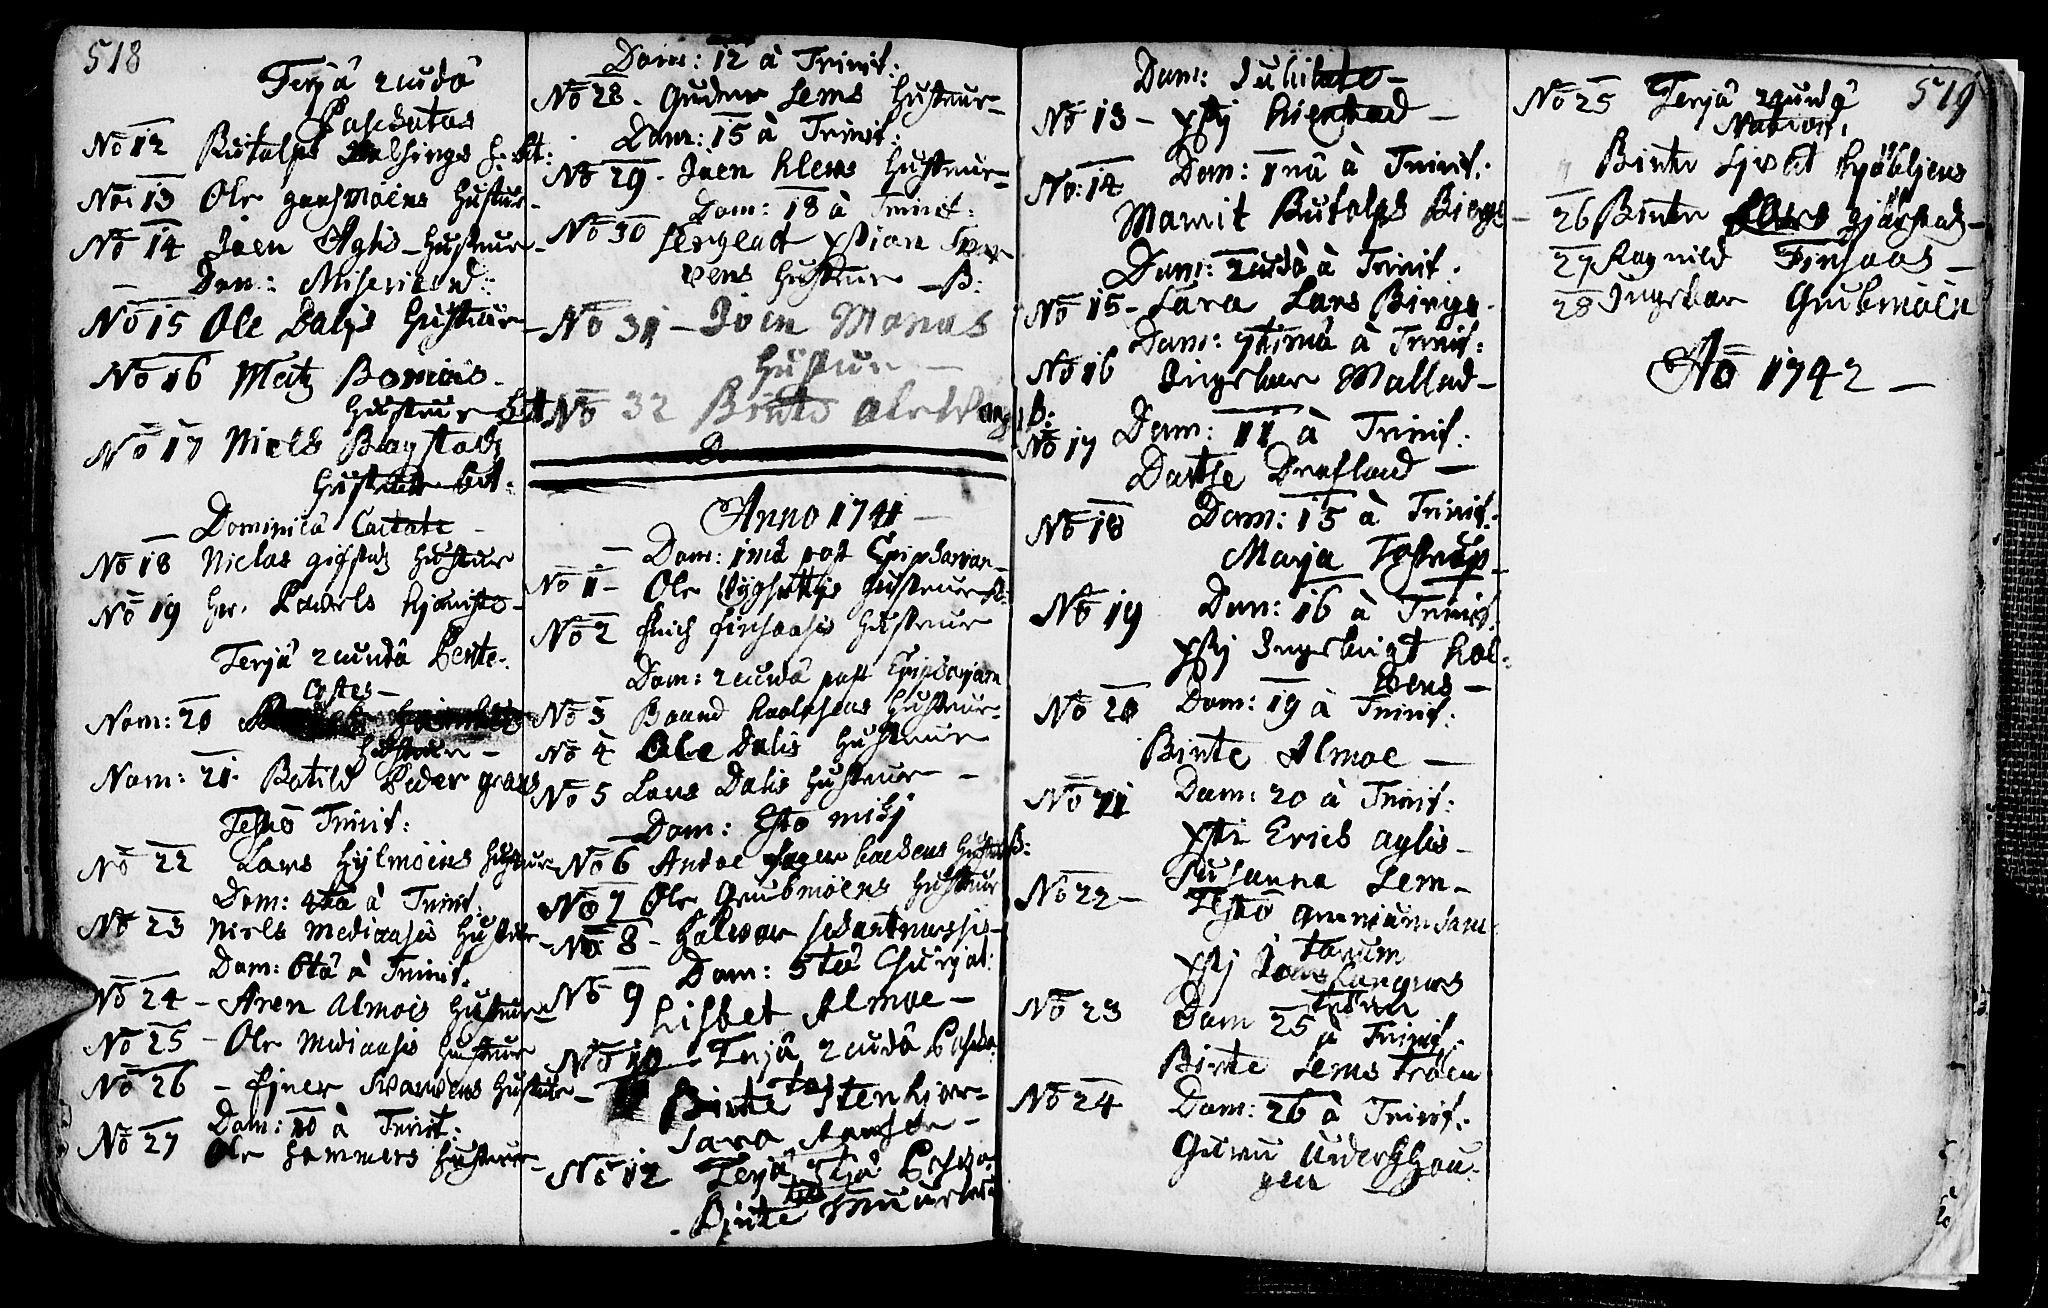 SAT, Ministerialprotokoller, klokkerbøker og fødselsregistre - Nord-Trøndelag, 749/L0467: Ministerialbok nr. 749A01, 1733-1787, s. 518-519